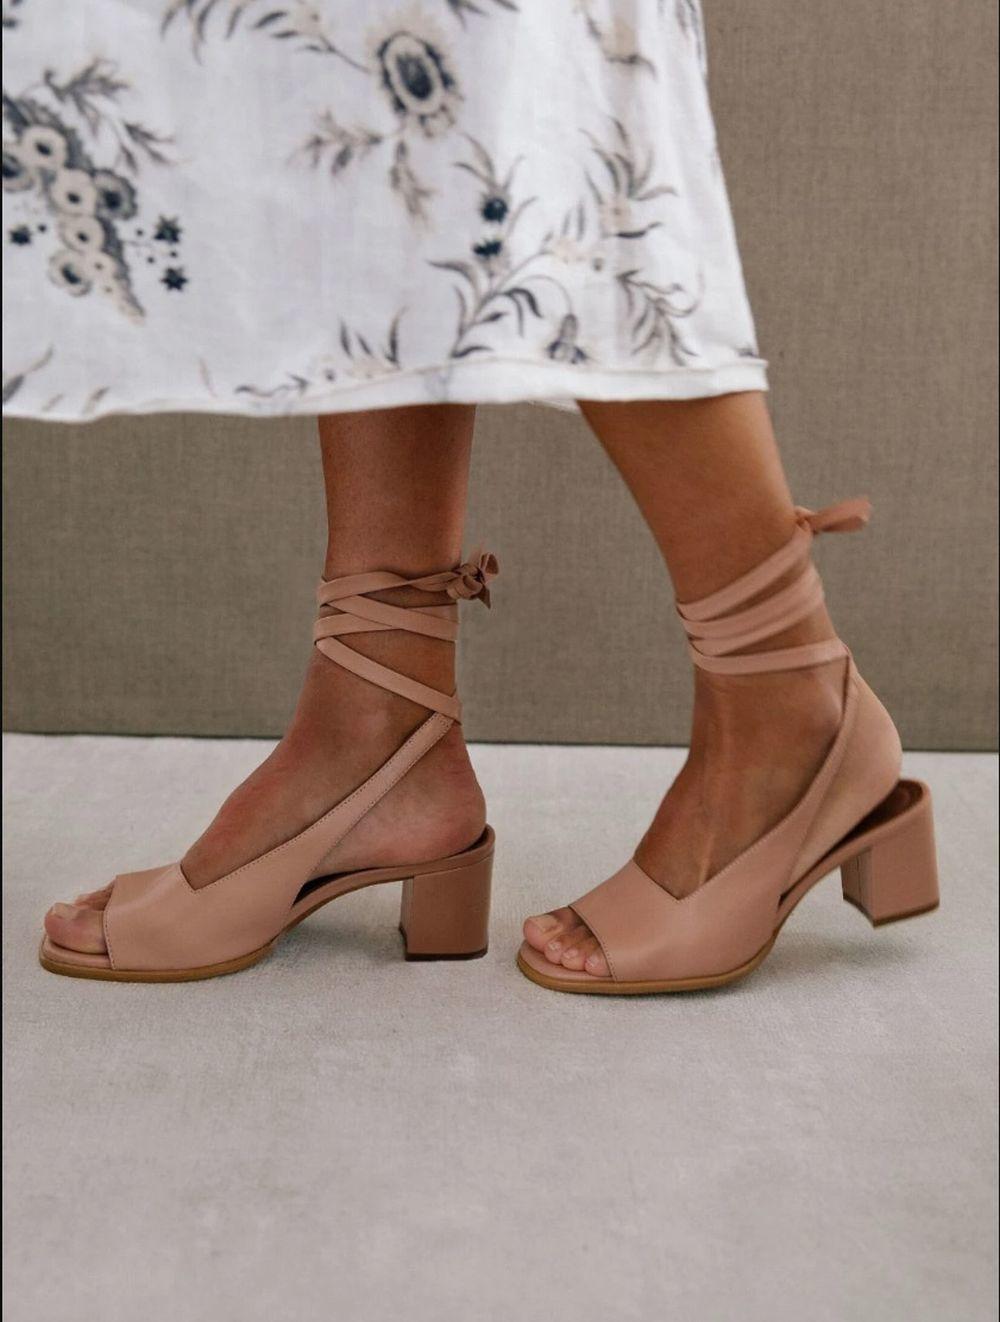 Sandalia de Alohas.